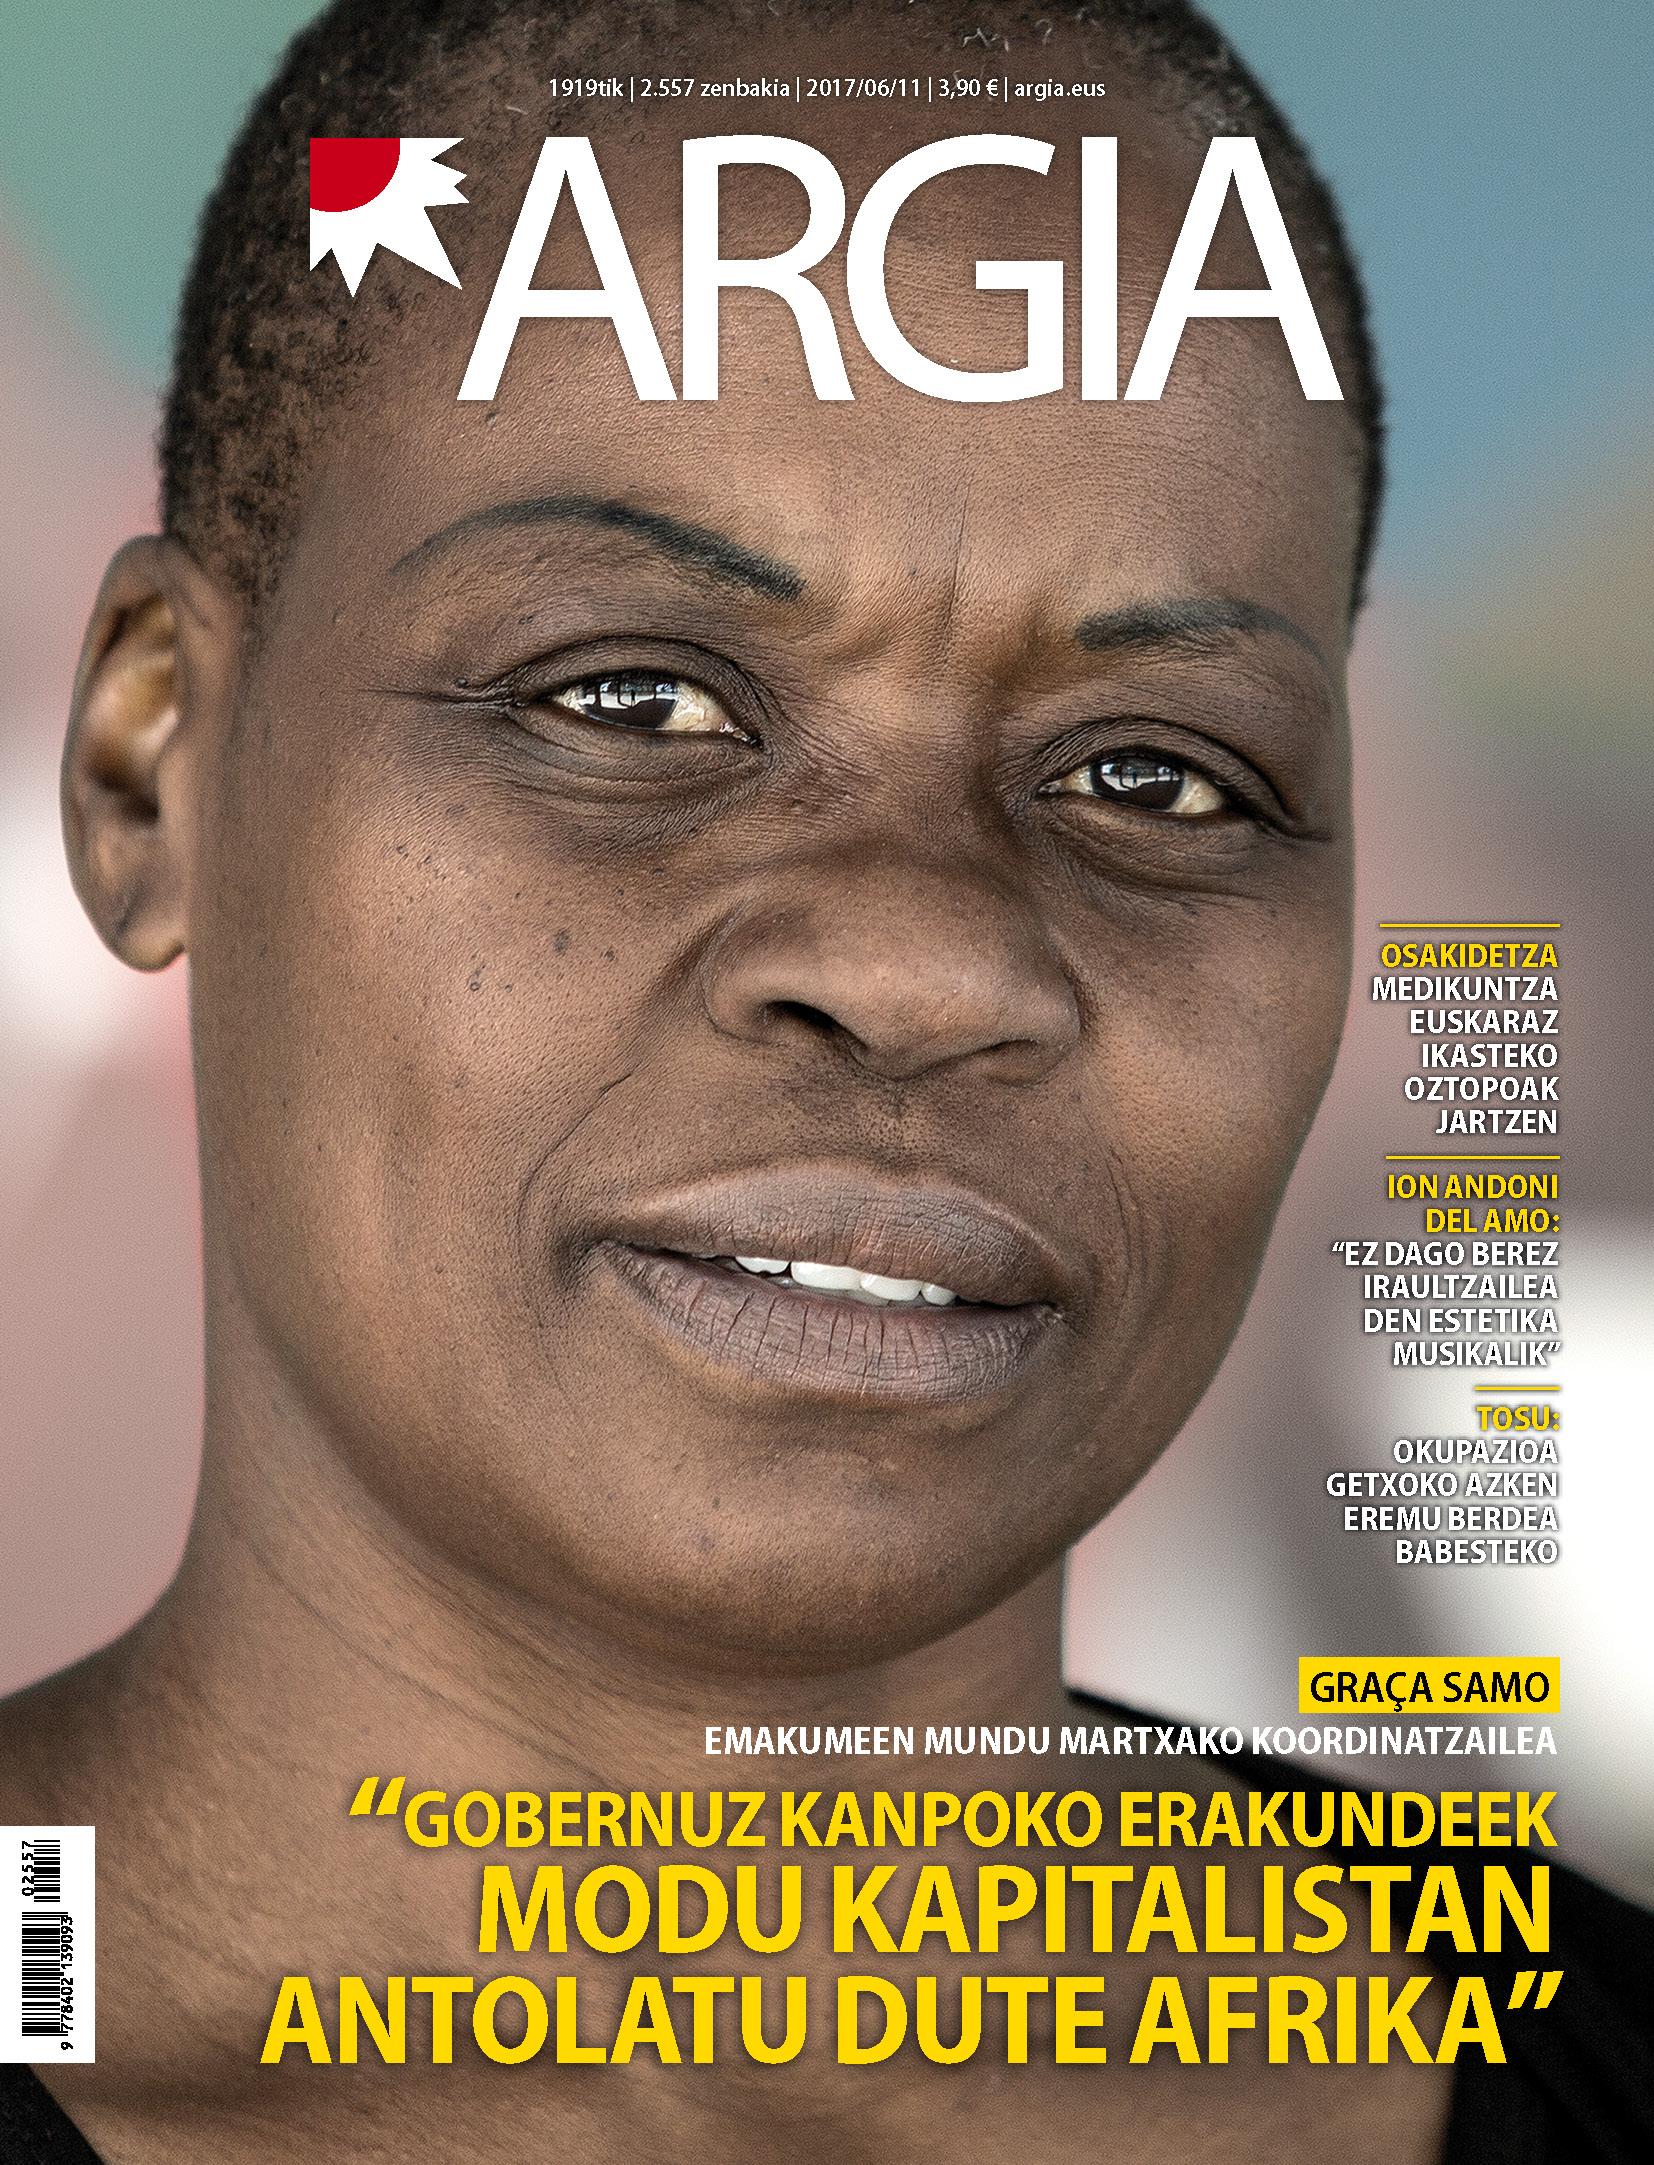 ARGIA aldizkariaren azala